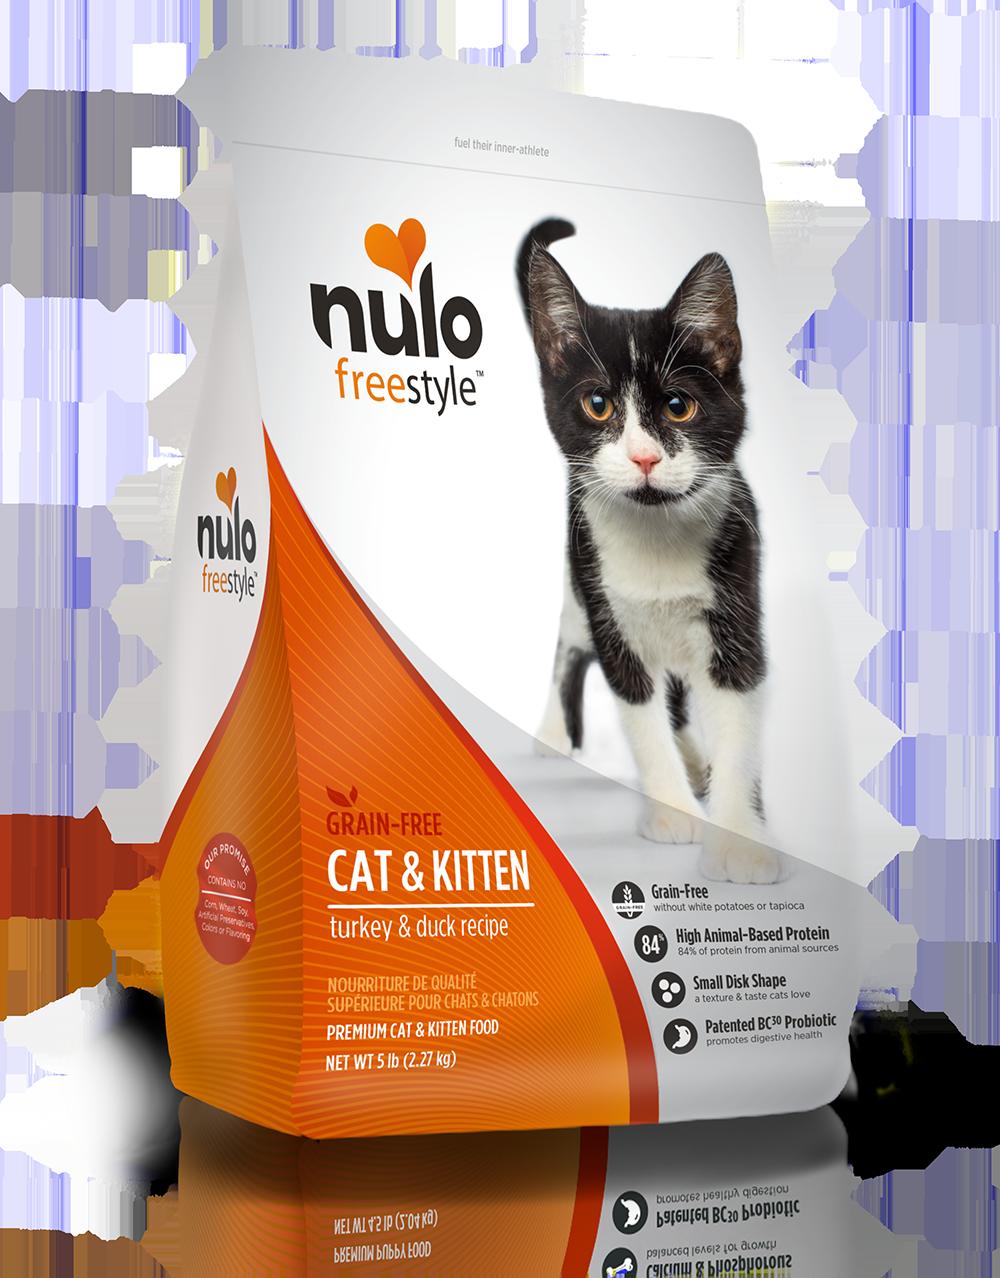 Meow Mix Kitten Li L Nibbles Dry Cat Food 3 15 Lb Bag Chewy Com Kitten Food Dry Cat Food Cat Food